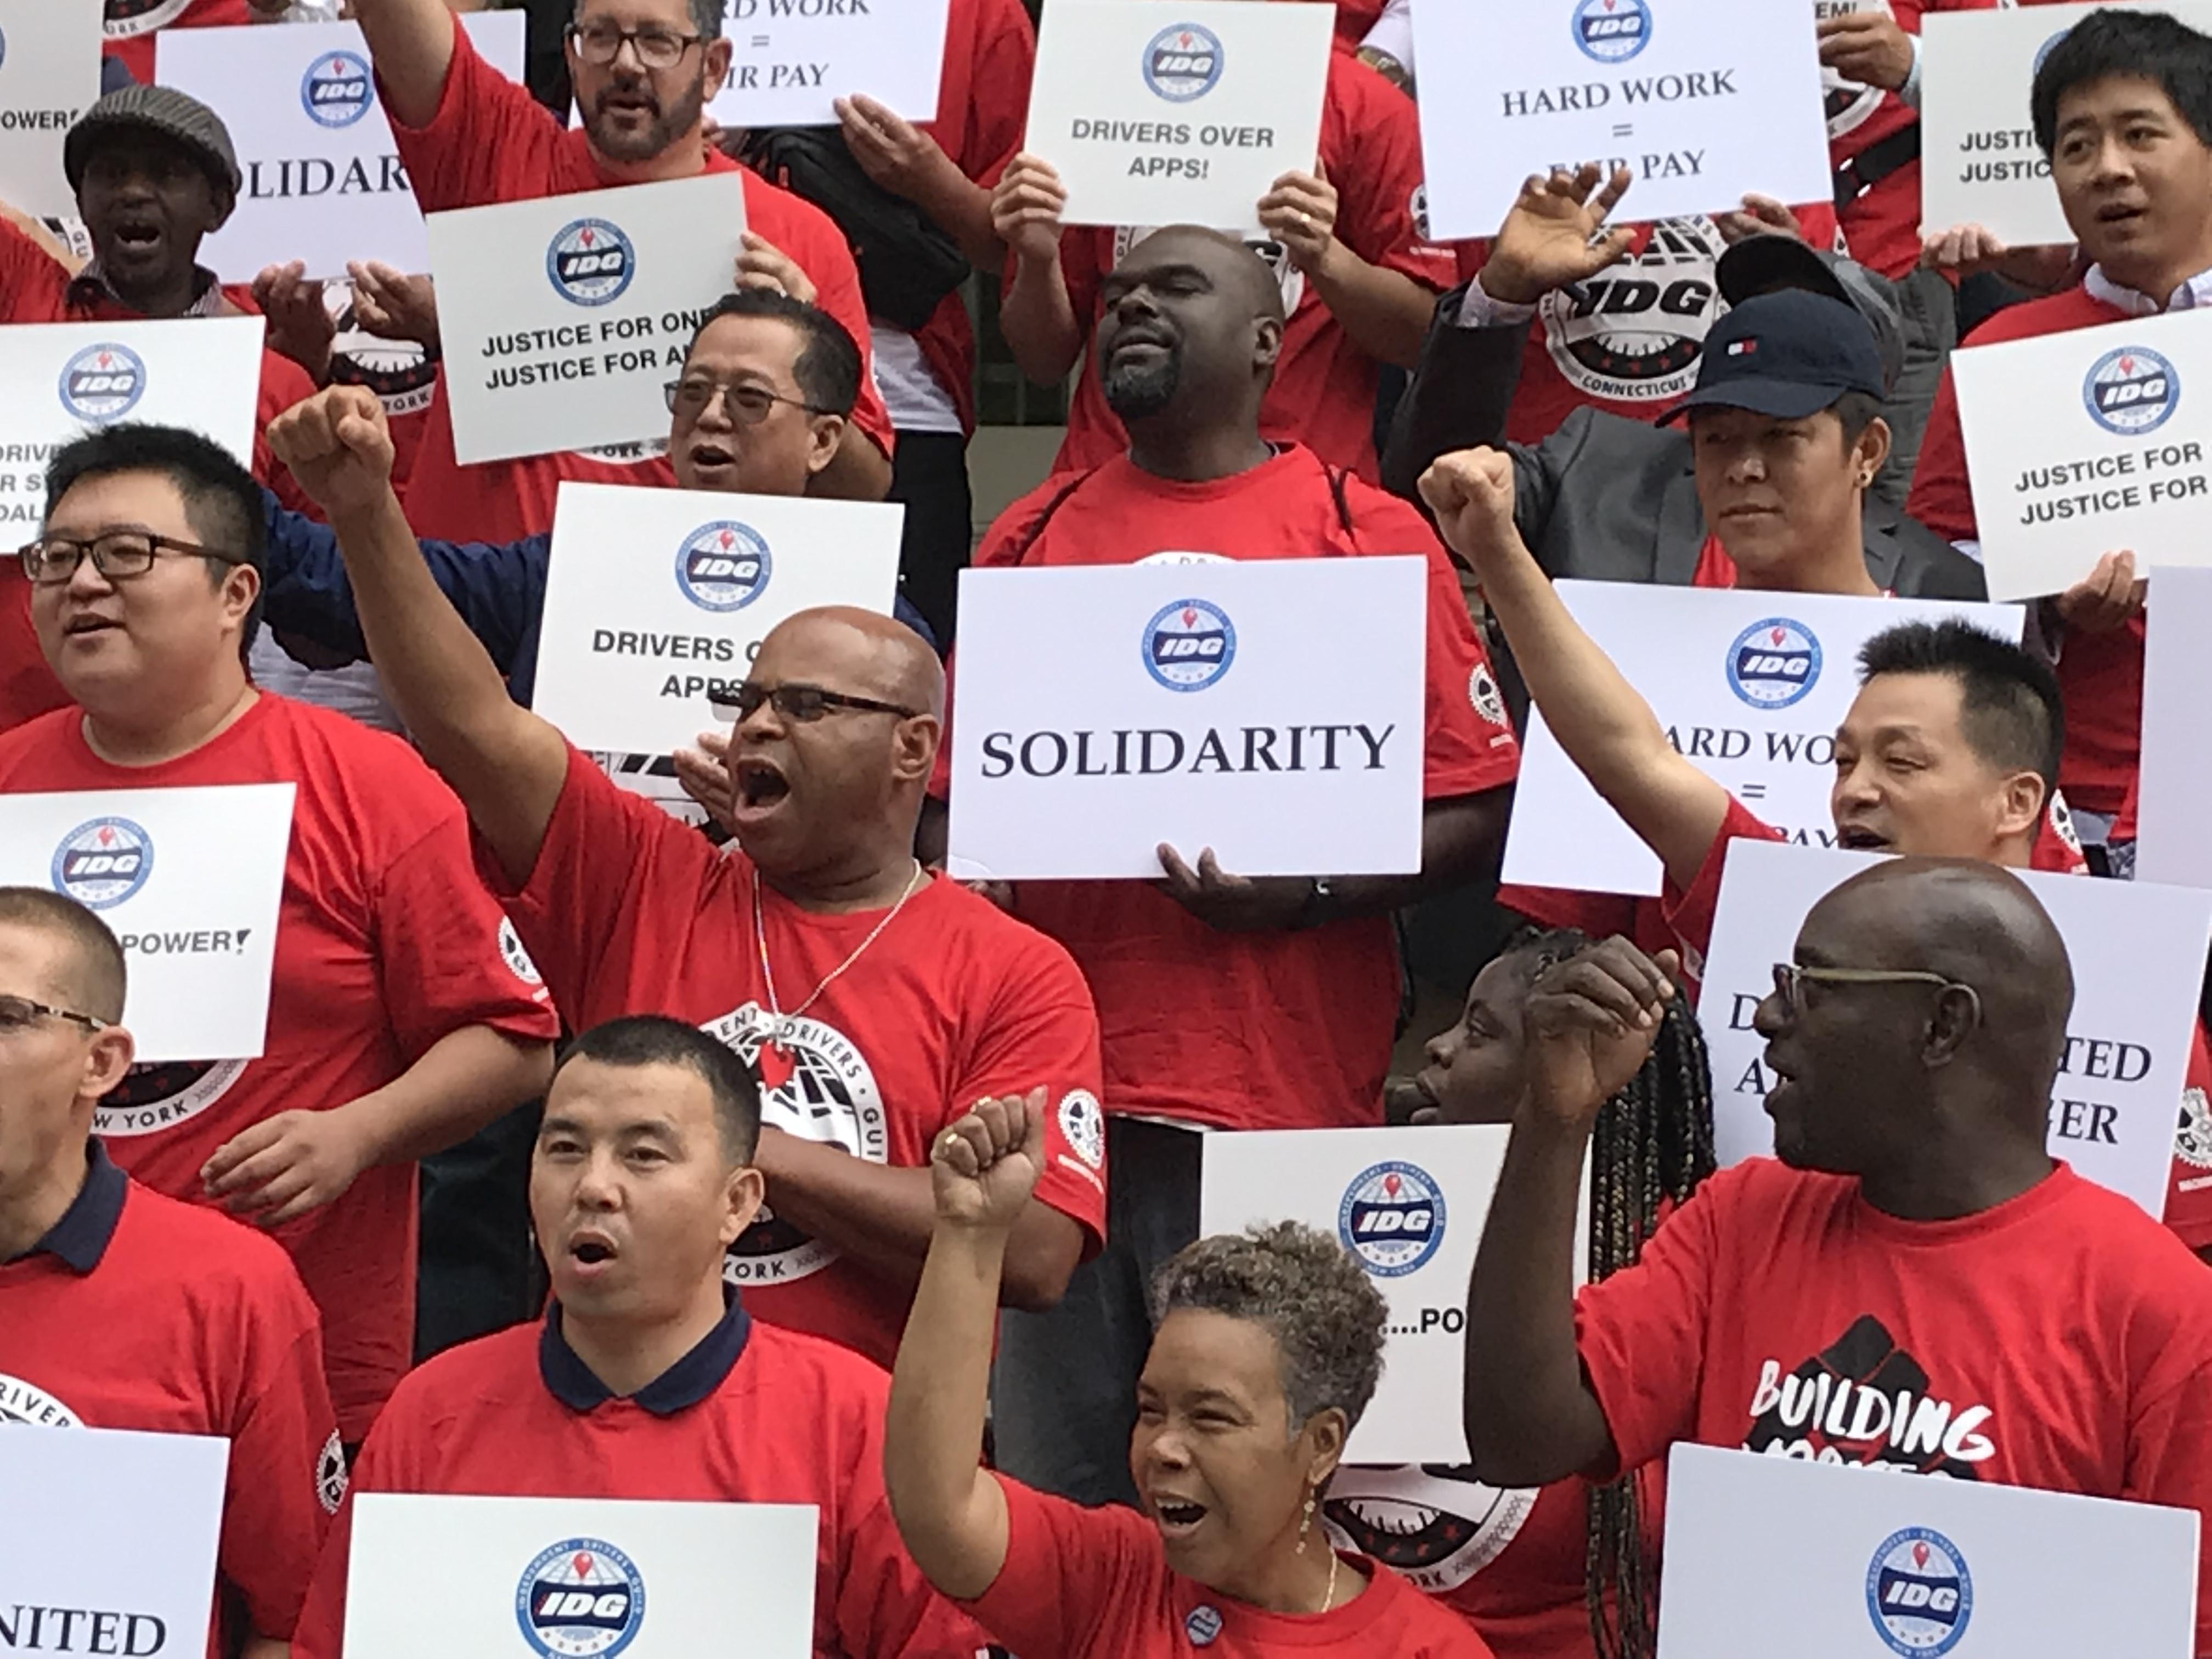 IDG Urges Ending Caps on App-Based Cabs, Abolishing TLC